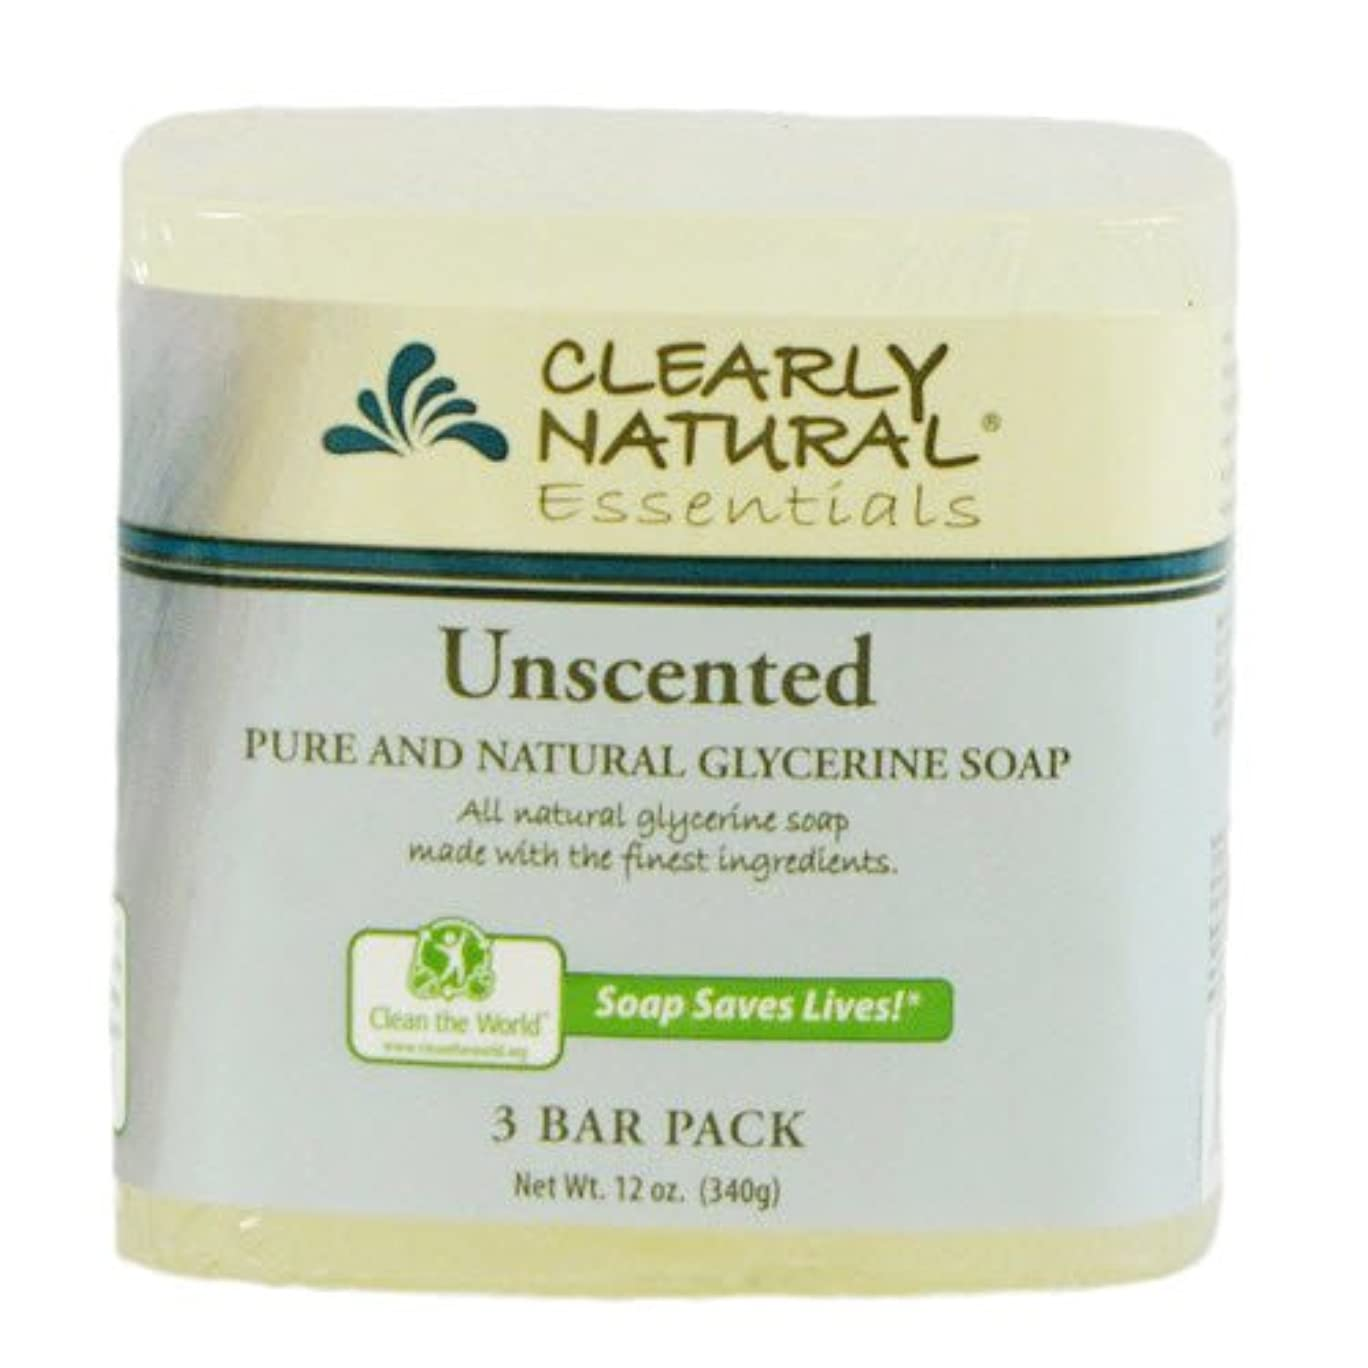 瞳超えて現実的Clearly Natural, Pure and Natural Glycerine Soap, Unscented, 3 Bar Pack, 4 oz Each